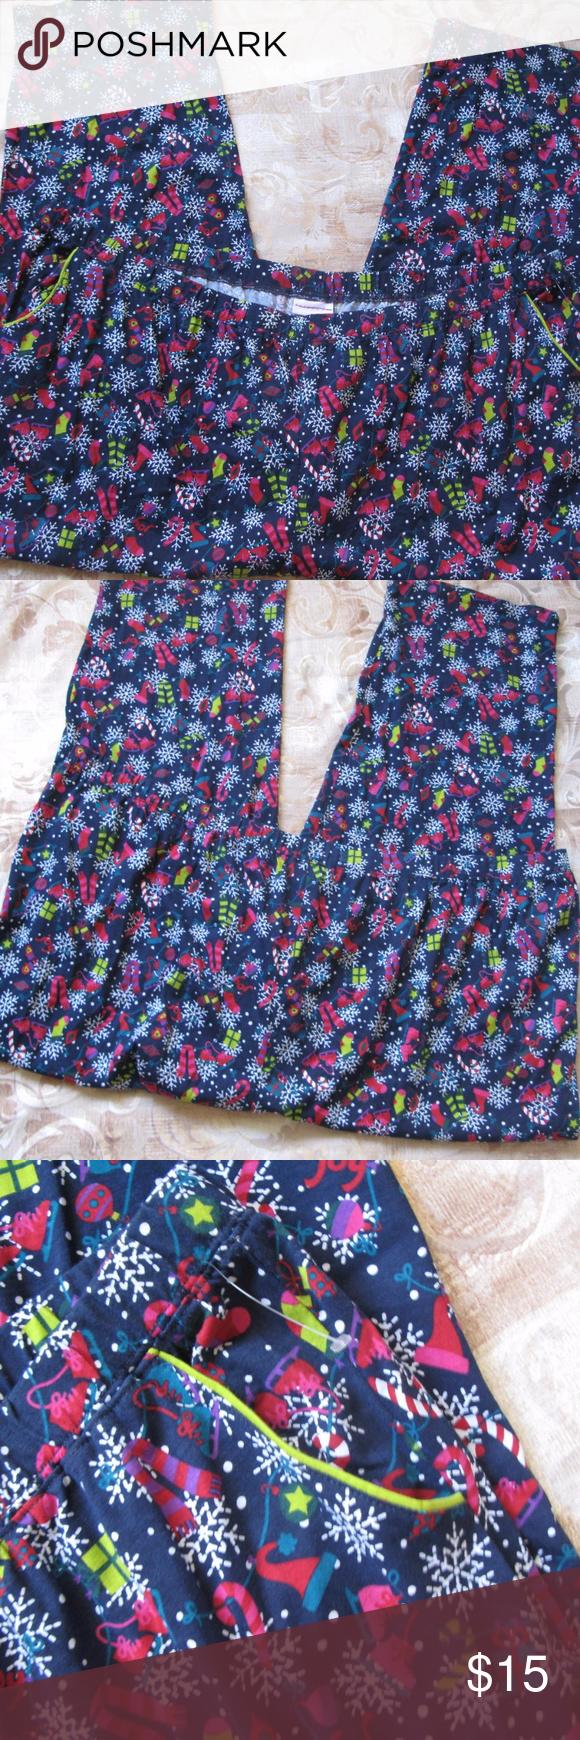 Serenada Women s Plus Size 5X 34 36W Pajama Lounge Serenada Women s Plus  Size 5X 34 36W Pajama Lounge Pants Christmas Print Bottoms Multi Color  Serenada ... f28adbae4